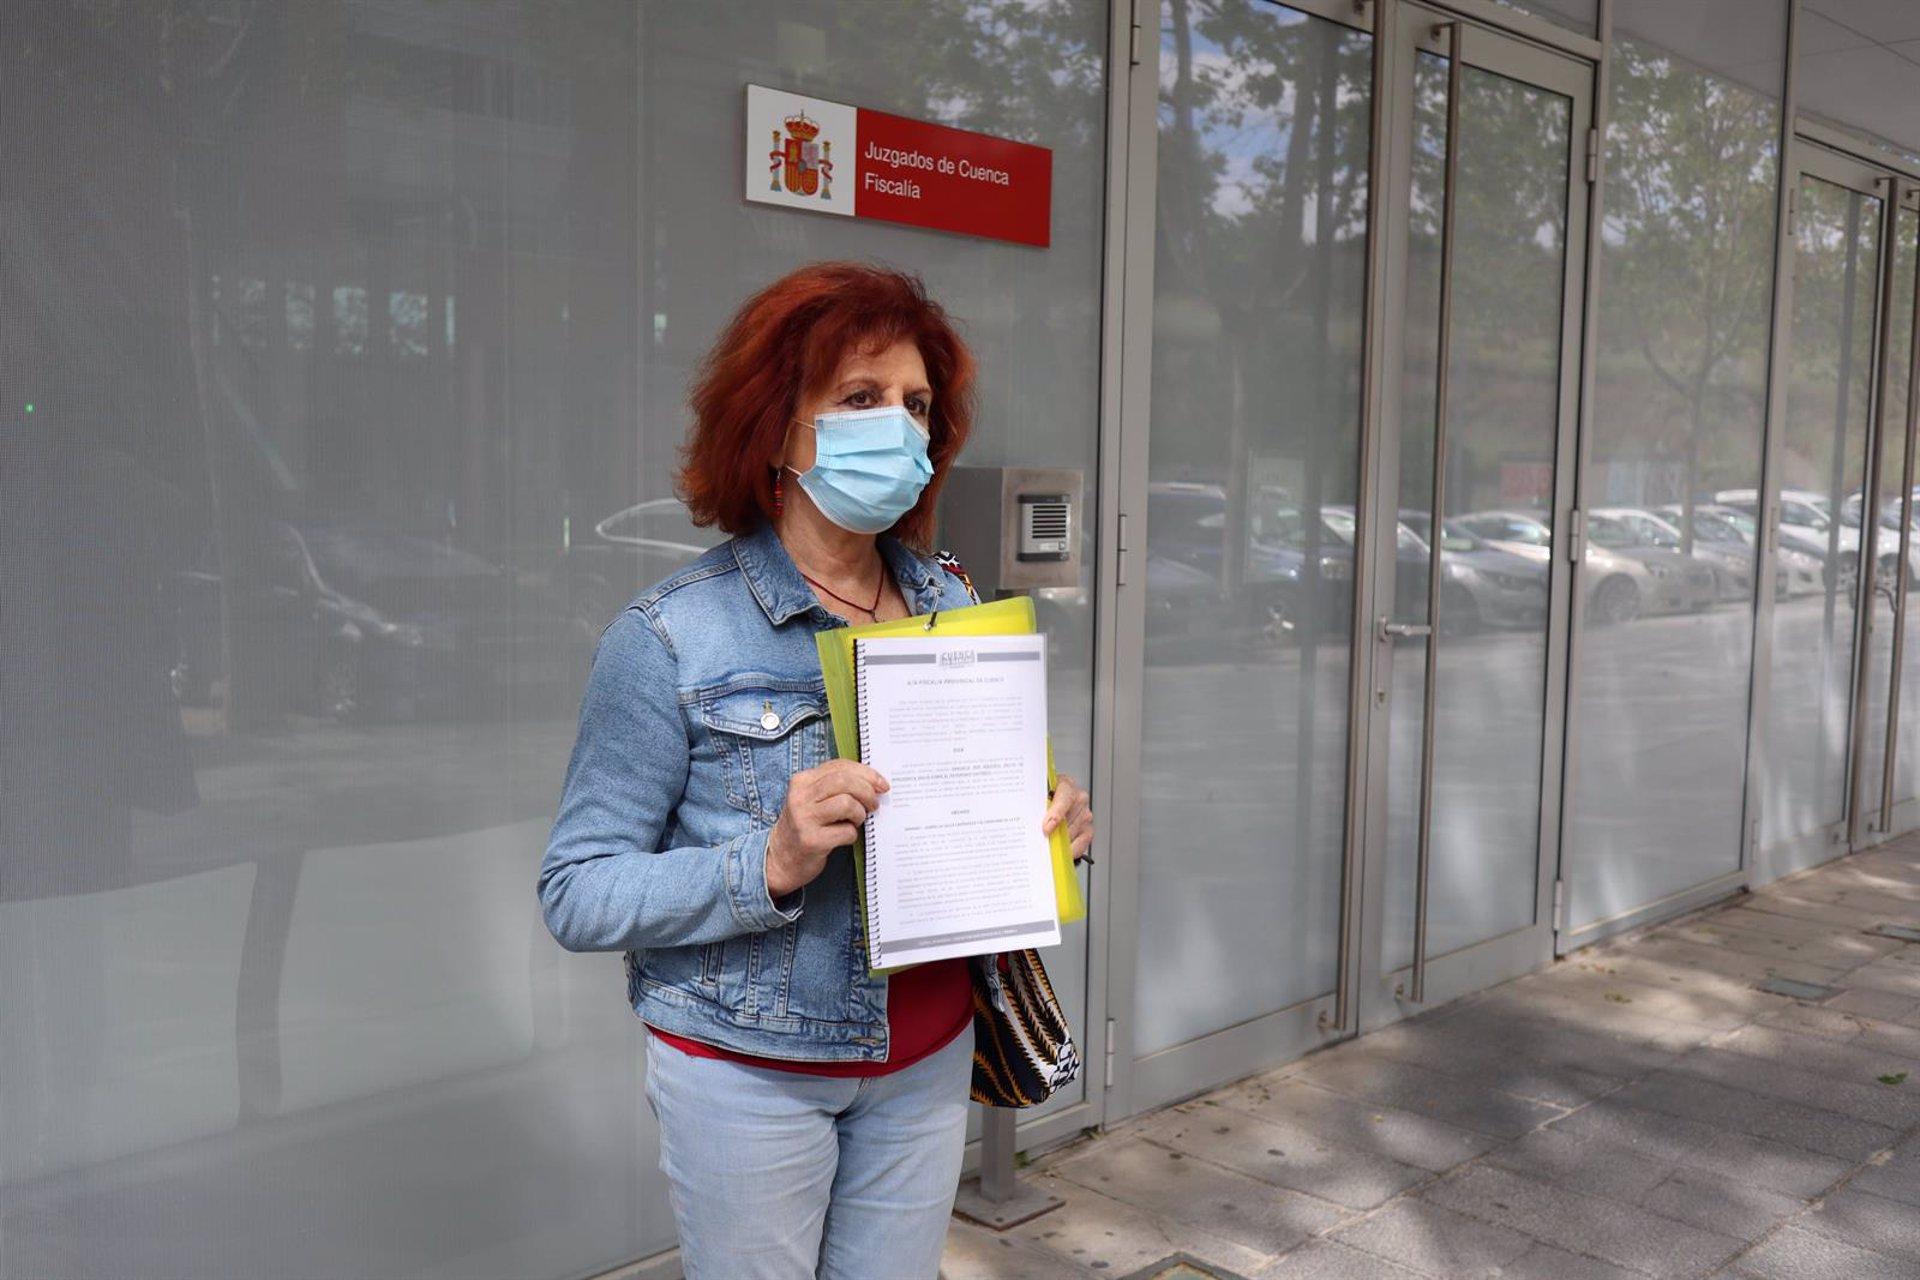 La concejala y portavoz de la confluencia municipalista 'Cuenca, En Marcha!' (Podemos-Equo) en el Ayuntamiento de Cuenca, Mª Ángeles García Jiménez.